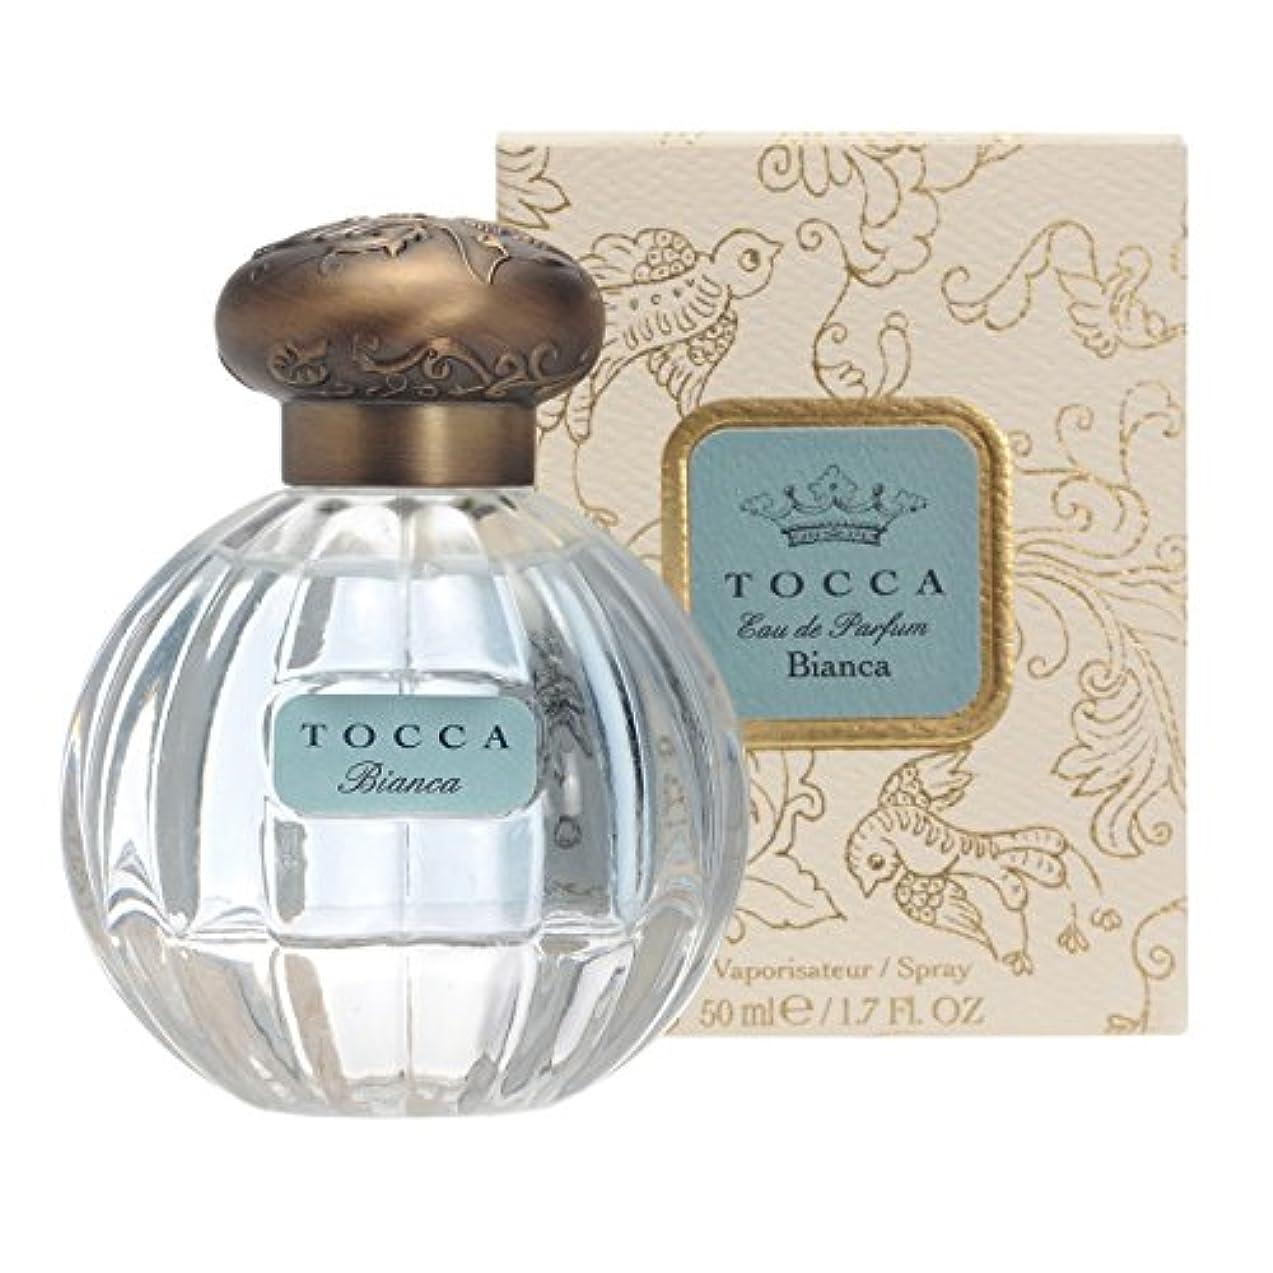 コインランドリートラブル櫛トッカ(TOCCA) オードパルファム ビアンカの香り 50ml(香水 海を眺めながらのティータイムのようなグリーンティーとシトラス、ローズが溶け合う爽やかで甘い香り)